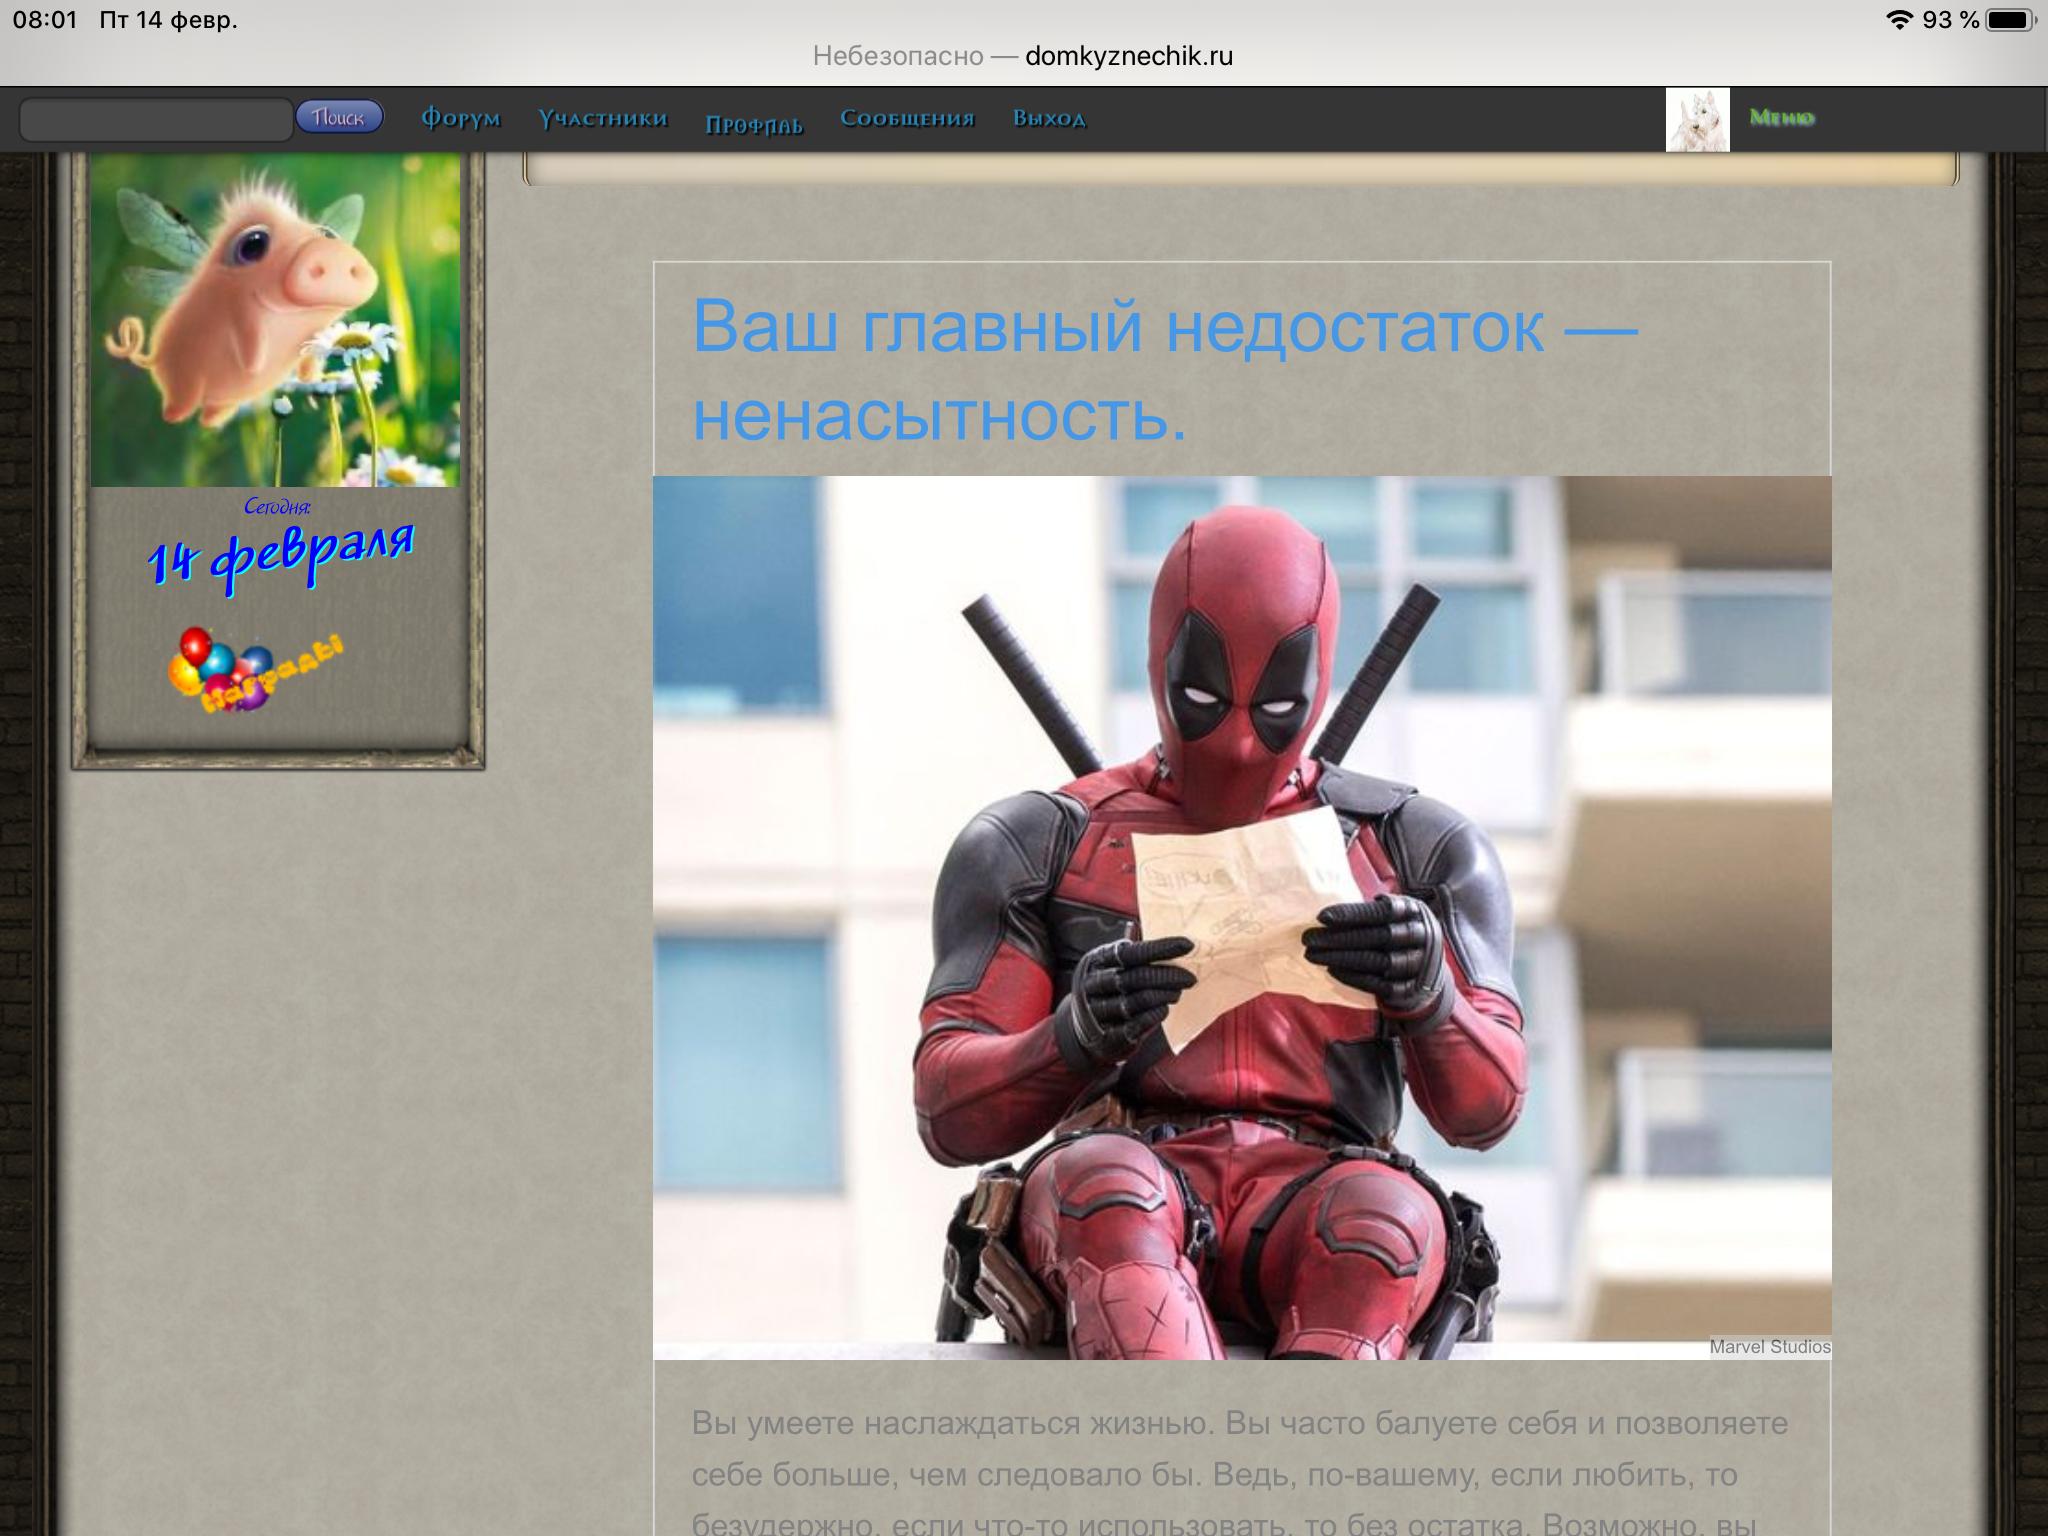 https://i6.imageban.ru/out/2020/02/14/a3443eaf039775f43d6987fad93f9b40.png